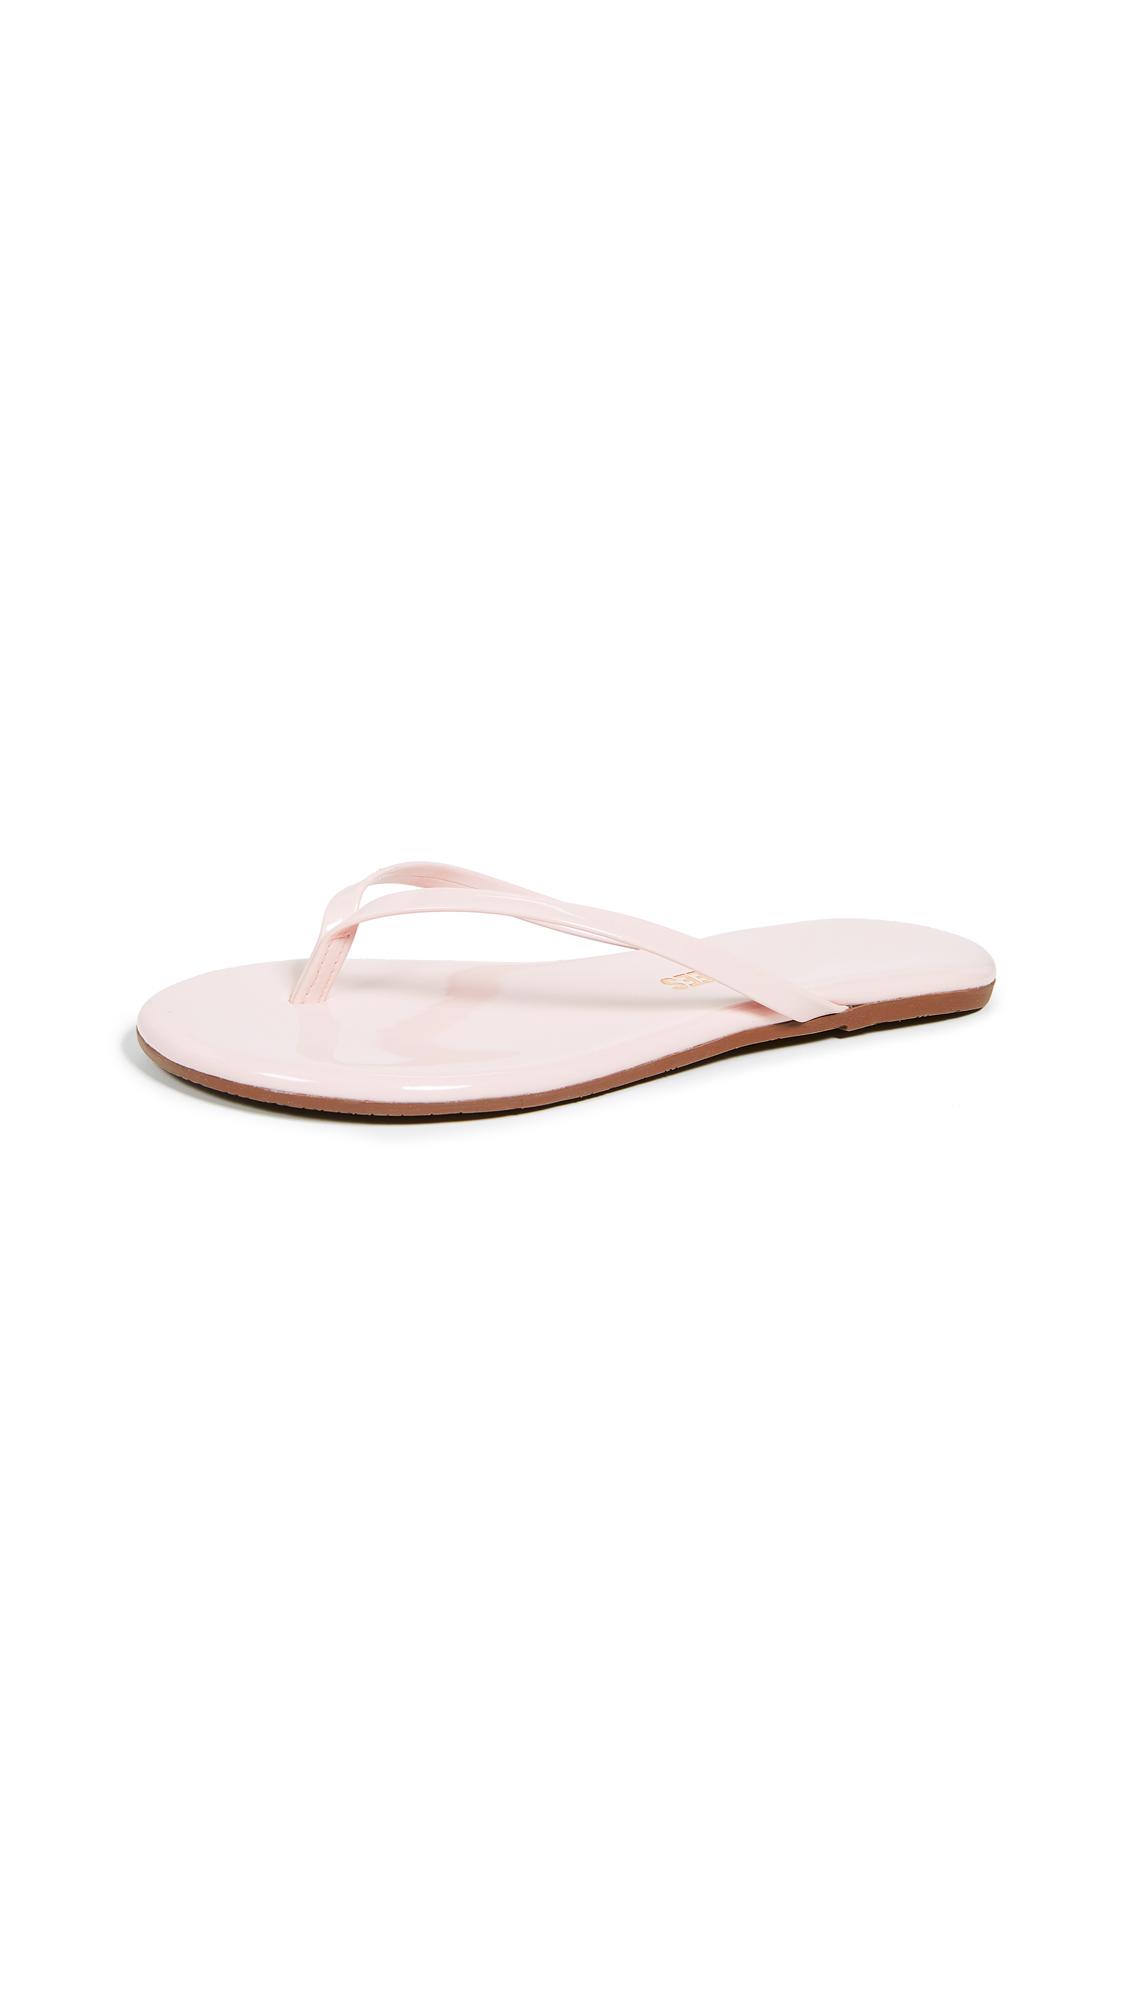 TKEES Gloss Flip Flops - Whip Cream